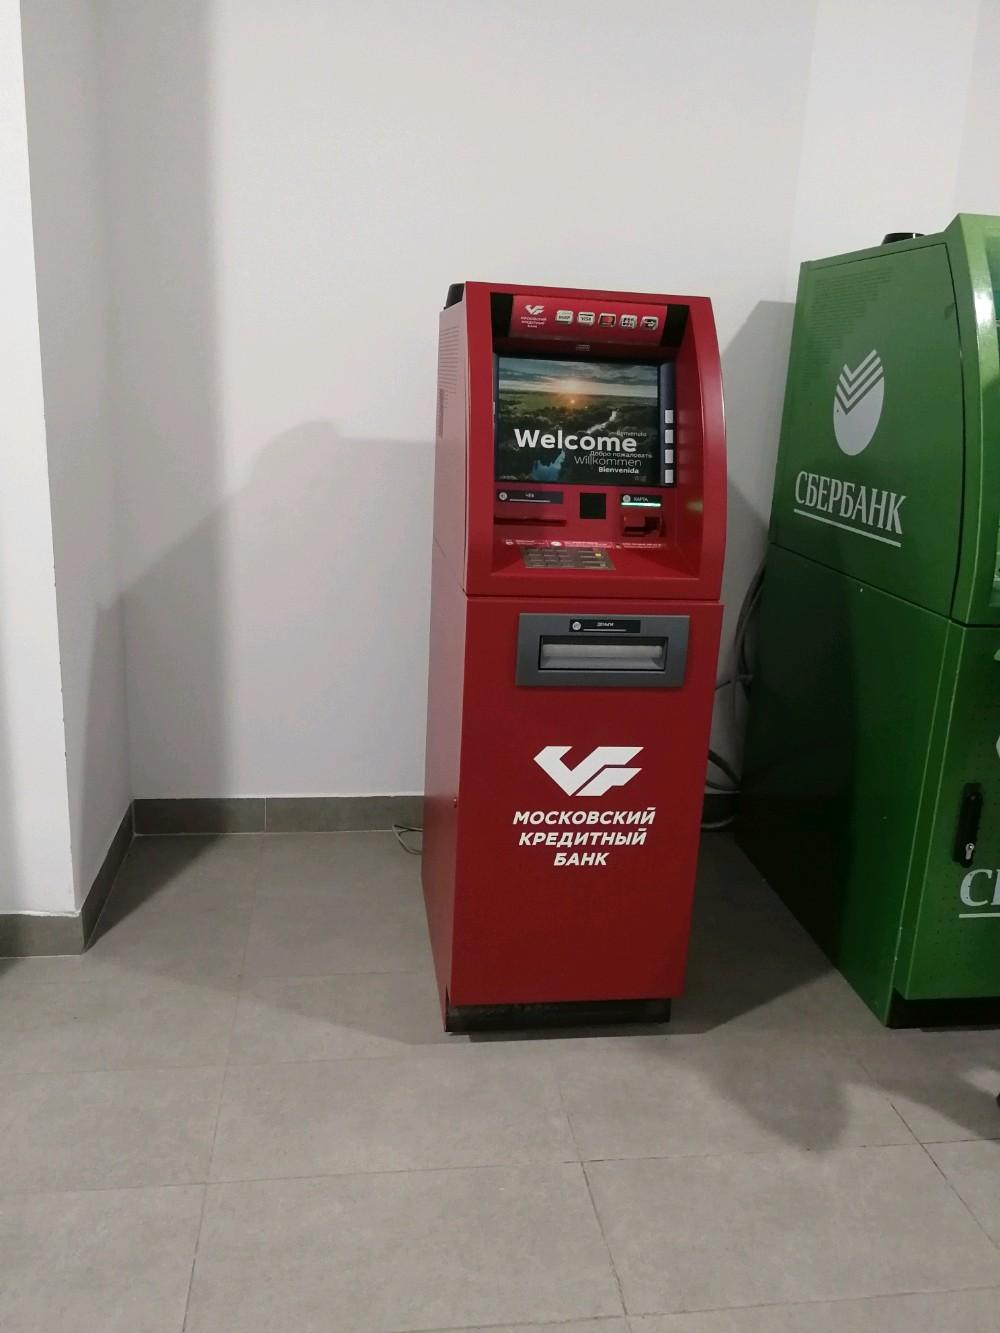 банкомат московский кредитный банк